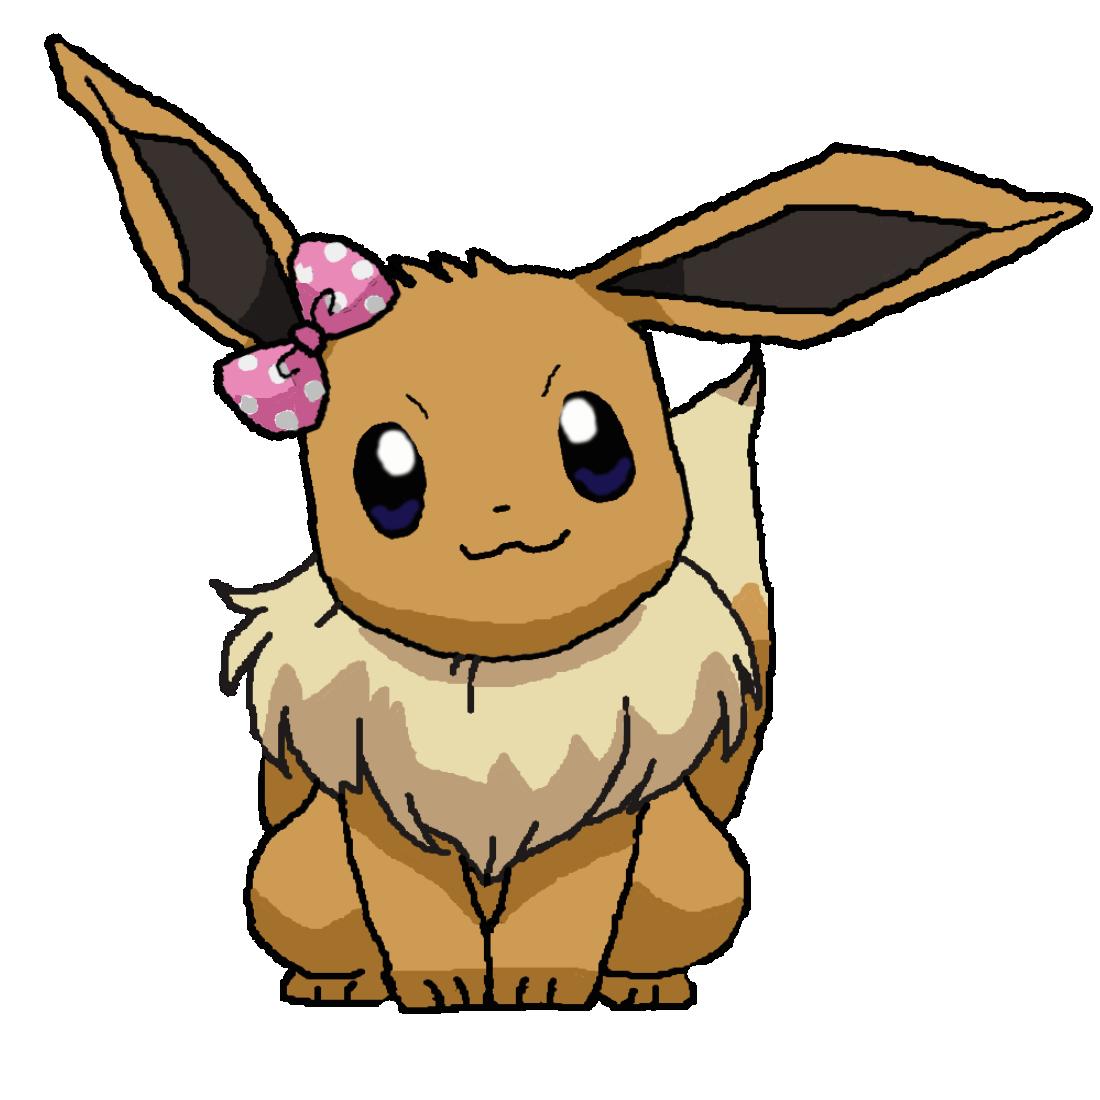 Pokemon Eevee Oc Images